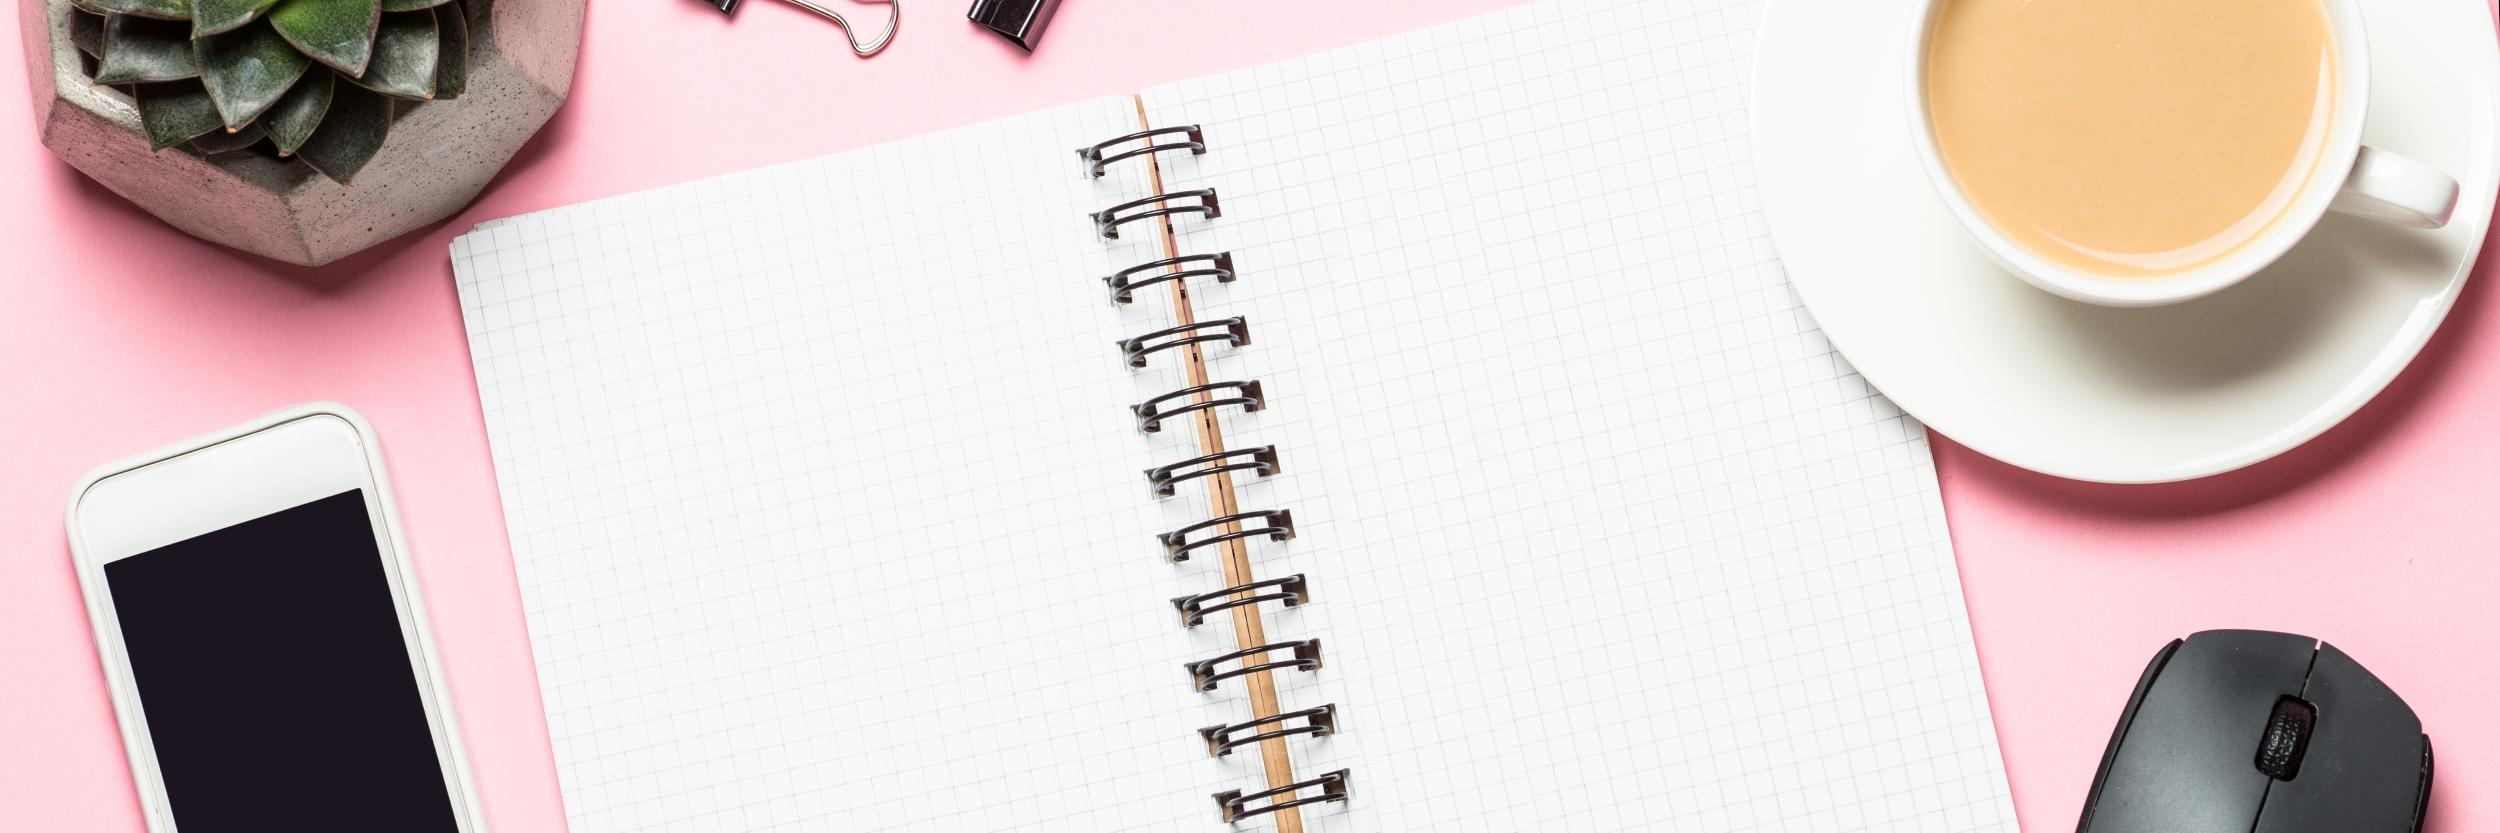 zasady biznesowe 2020 własne reguły w marce w biznesie - blog dla przedsiębiorczych kobiet kobieca strona biznesu karolina kołodziejczyk